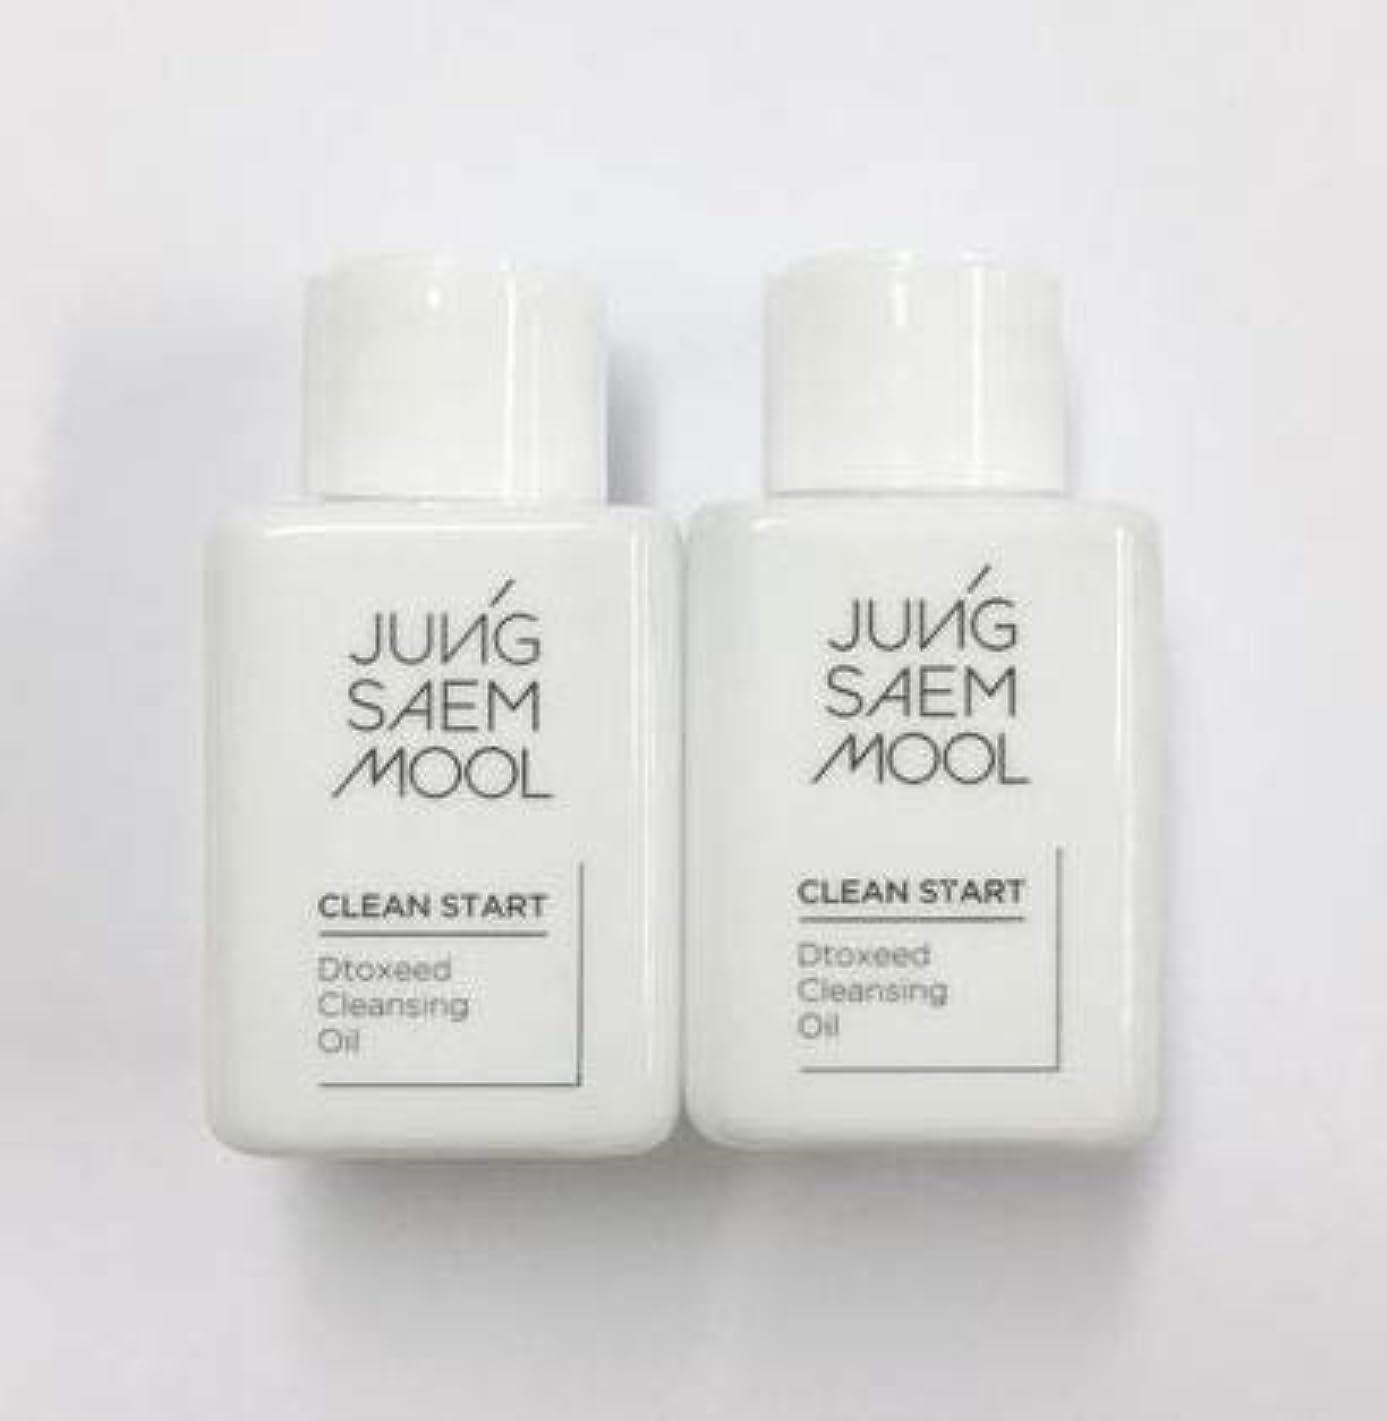 形成状態再撮りJUNG SAEM MOOL Clean Start Dtoxeed Cleansing Oil_サンプル (30ml)*2ea [並行輸入品]